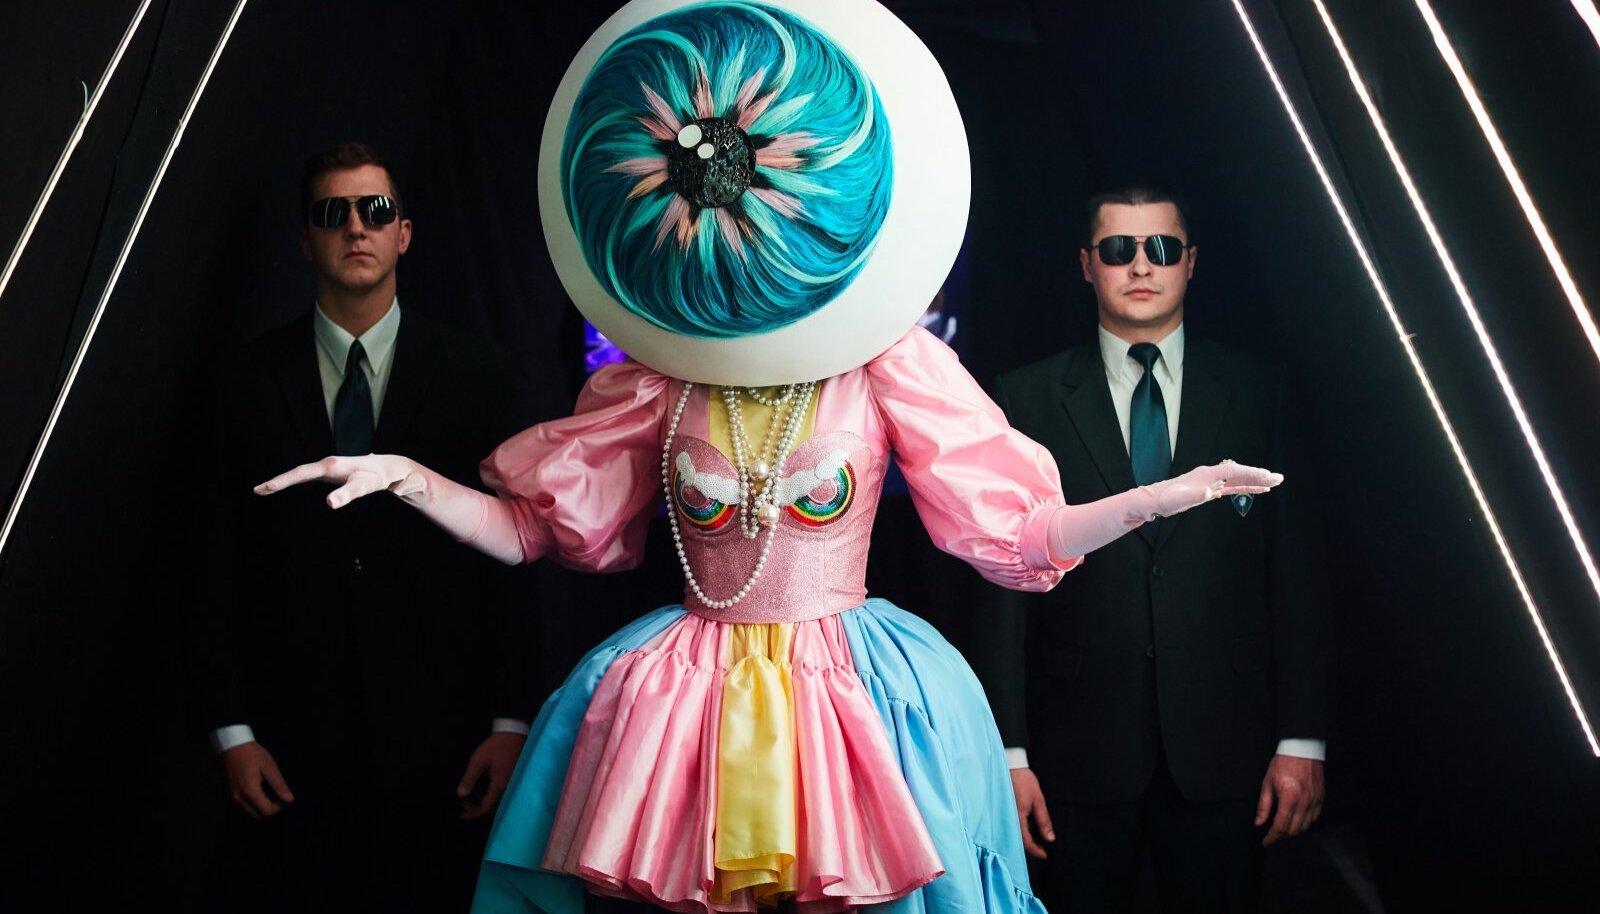 Maskis laulja 2. saade